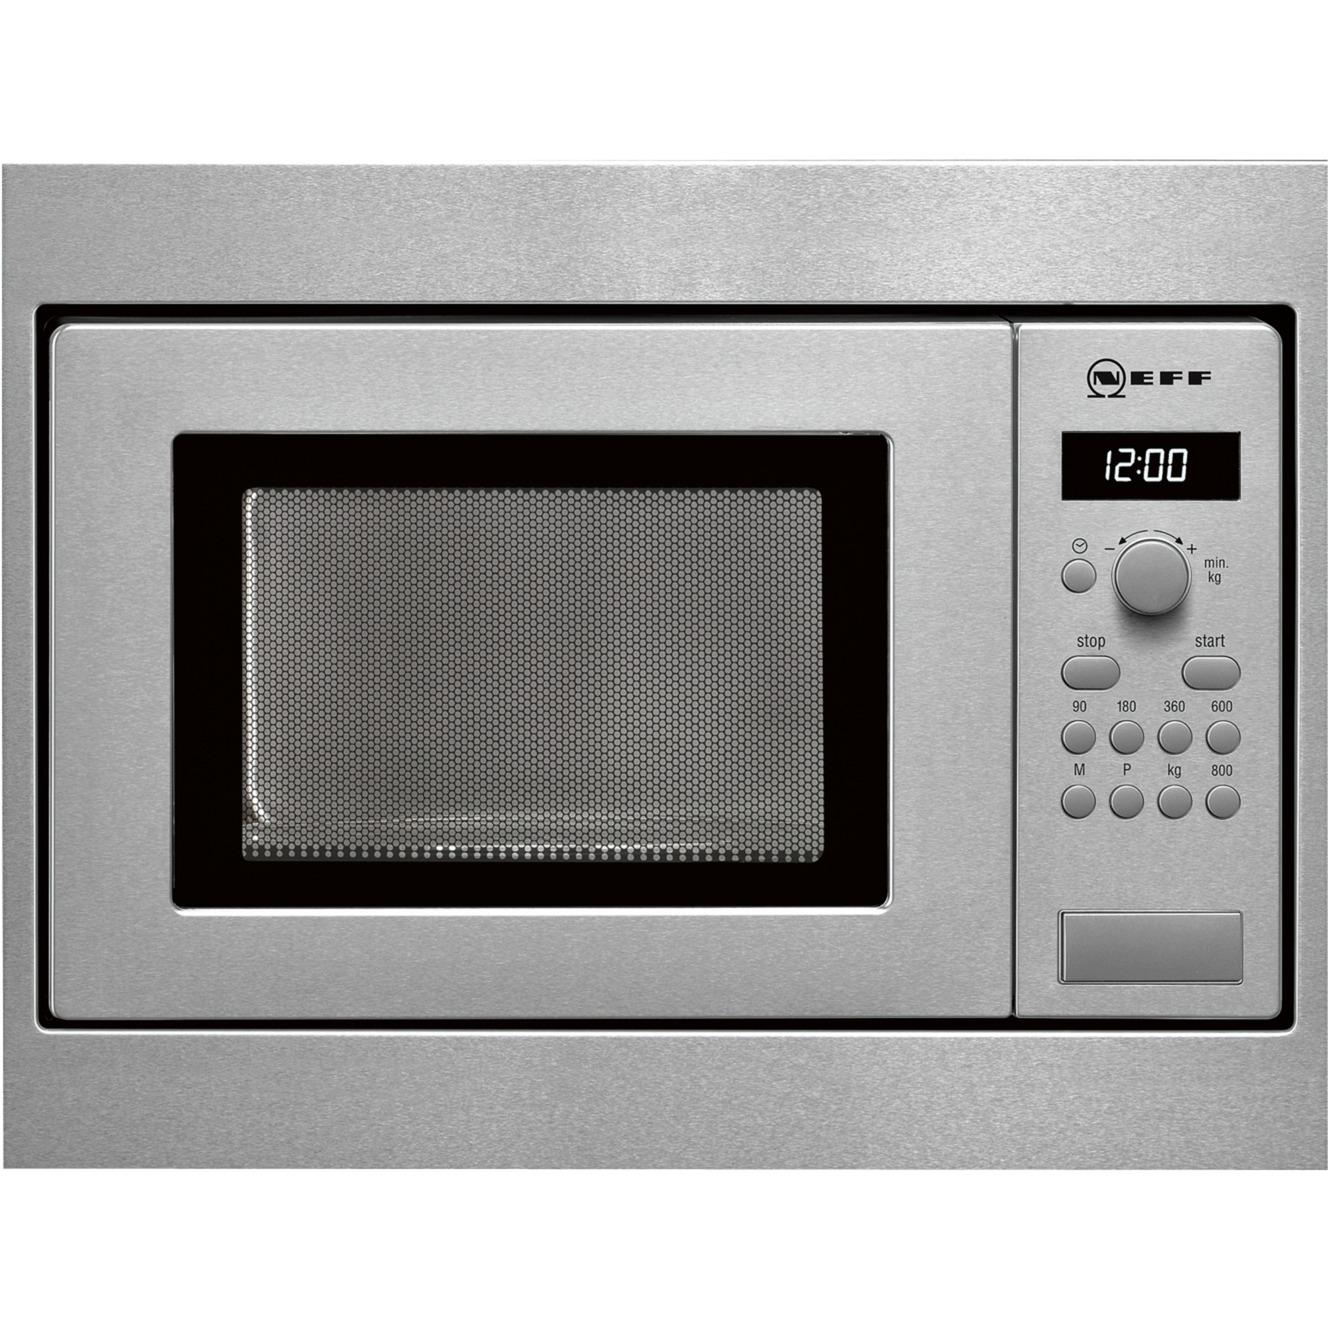 HW 5350 N Intégré 17L 800W Acier inoxydable, Four à micro-ondes